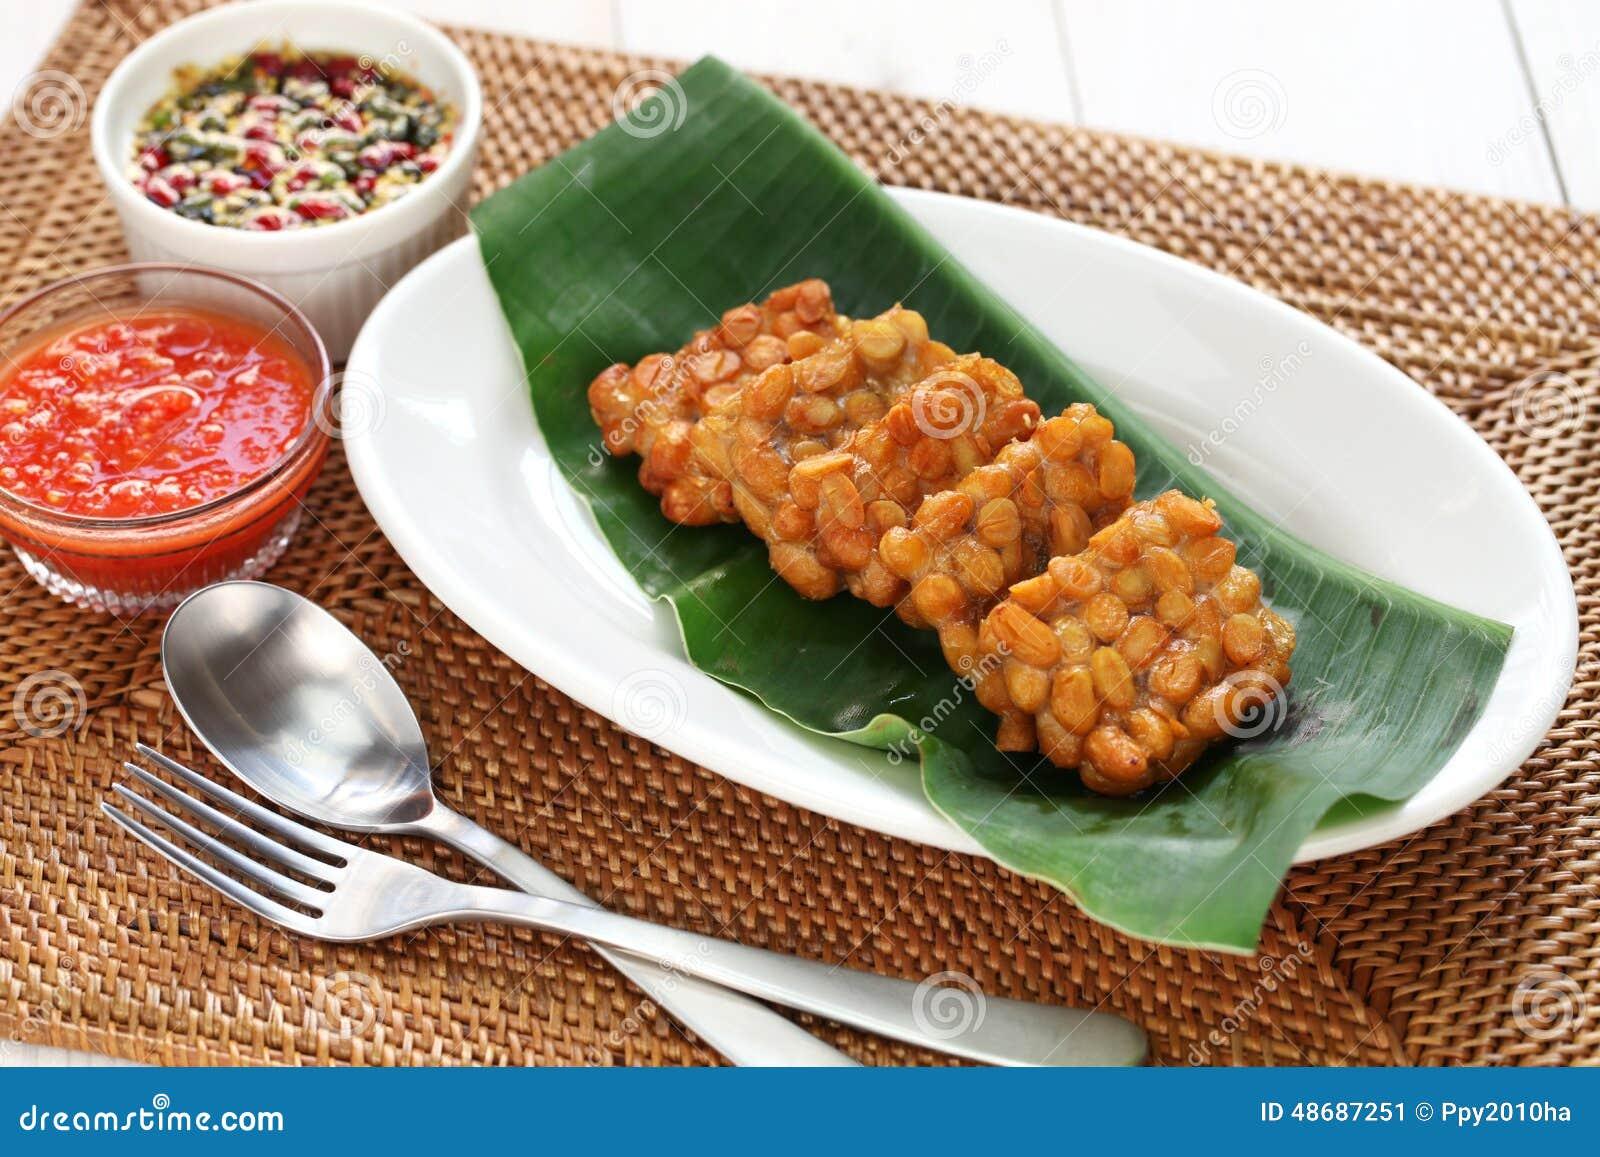 Tempe goreng, gebraden tempeh, Indonesisch vegetarisch voedsel